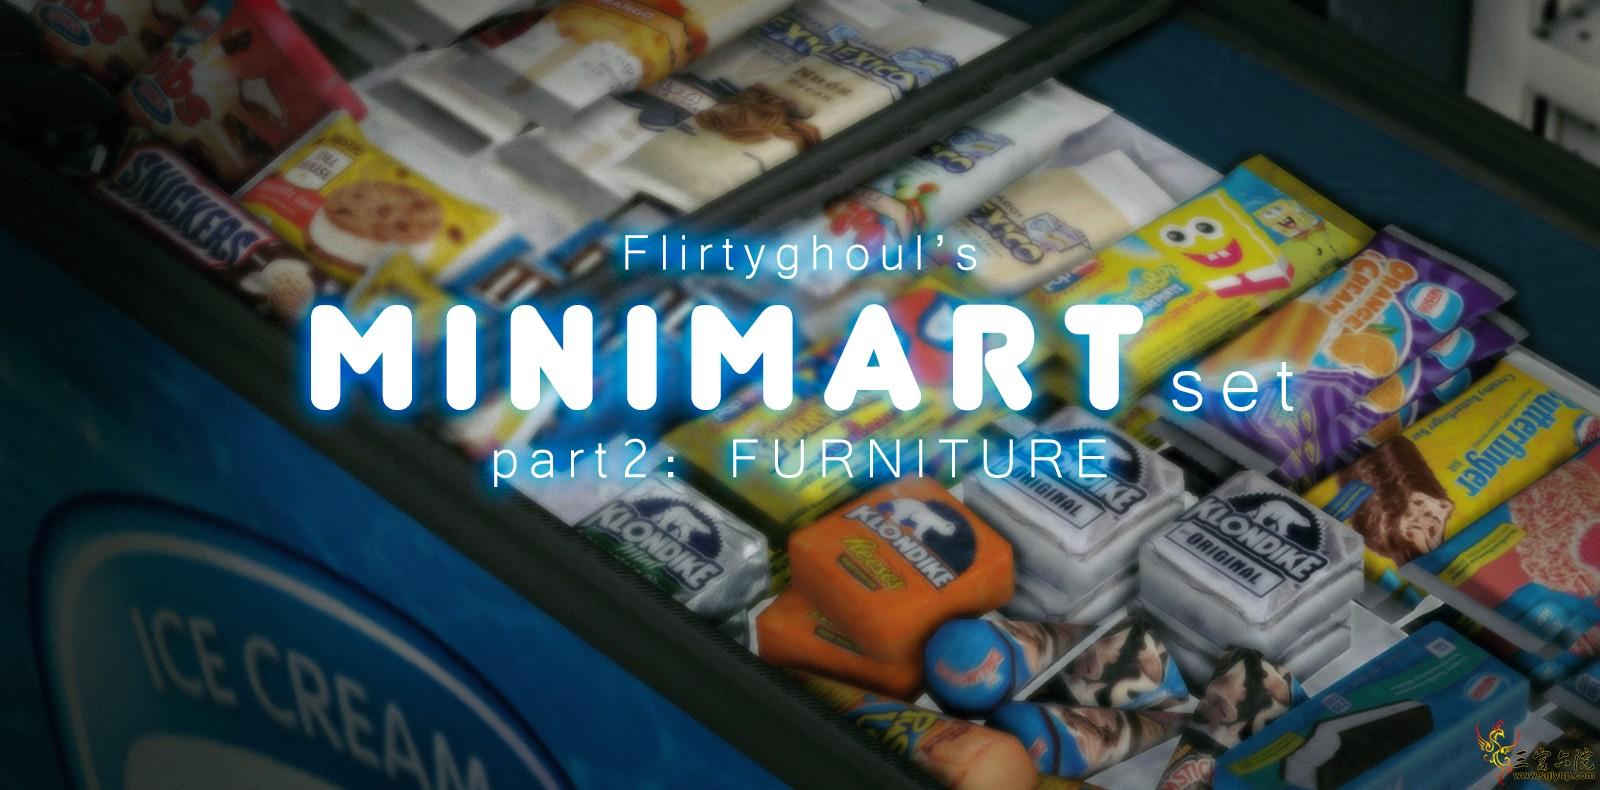 FG_MinimartSet_FurniturePREV2.png